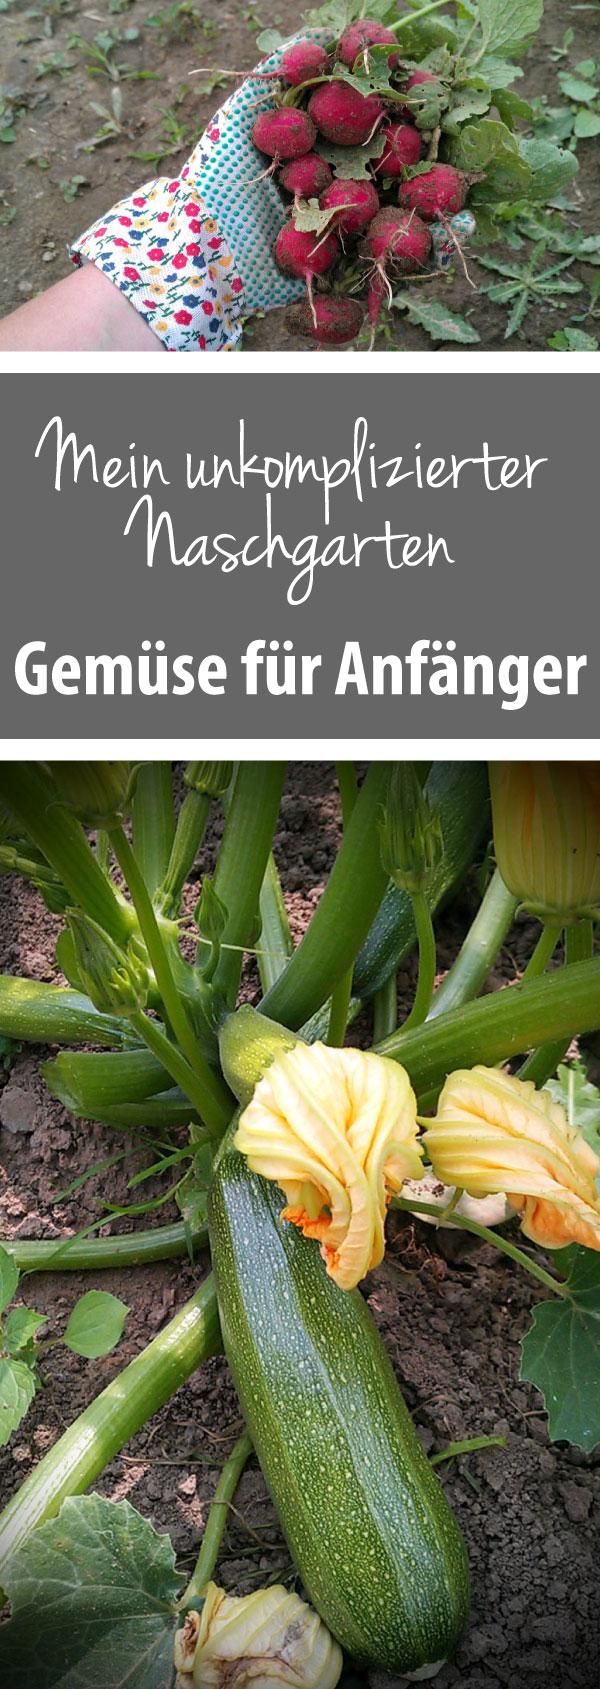 Gemüse für Anfänger - Mein ukomplizierter Naschgarten